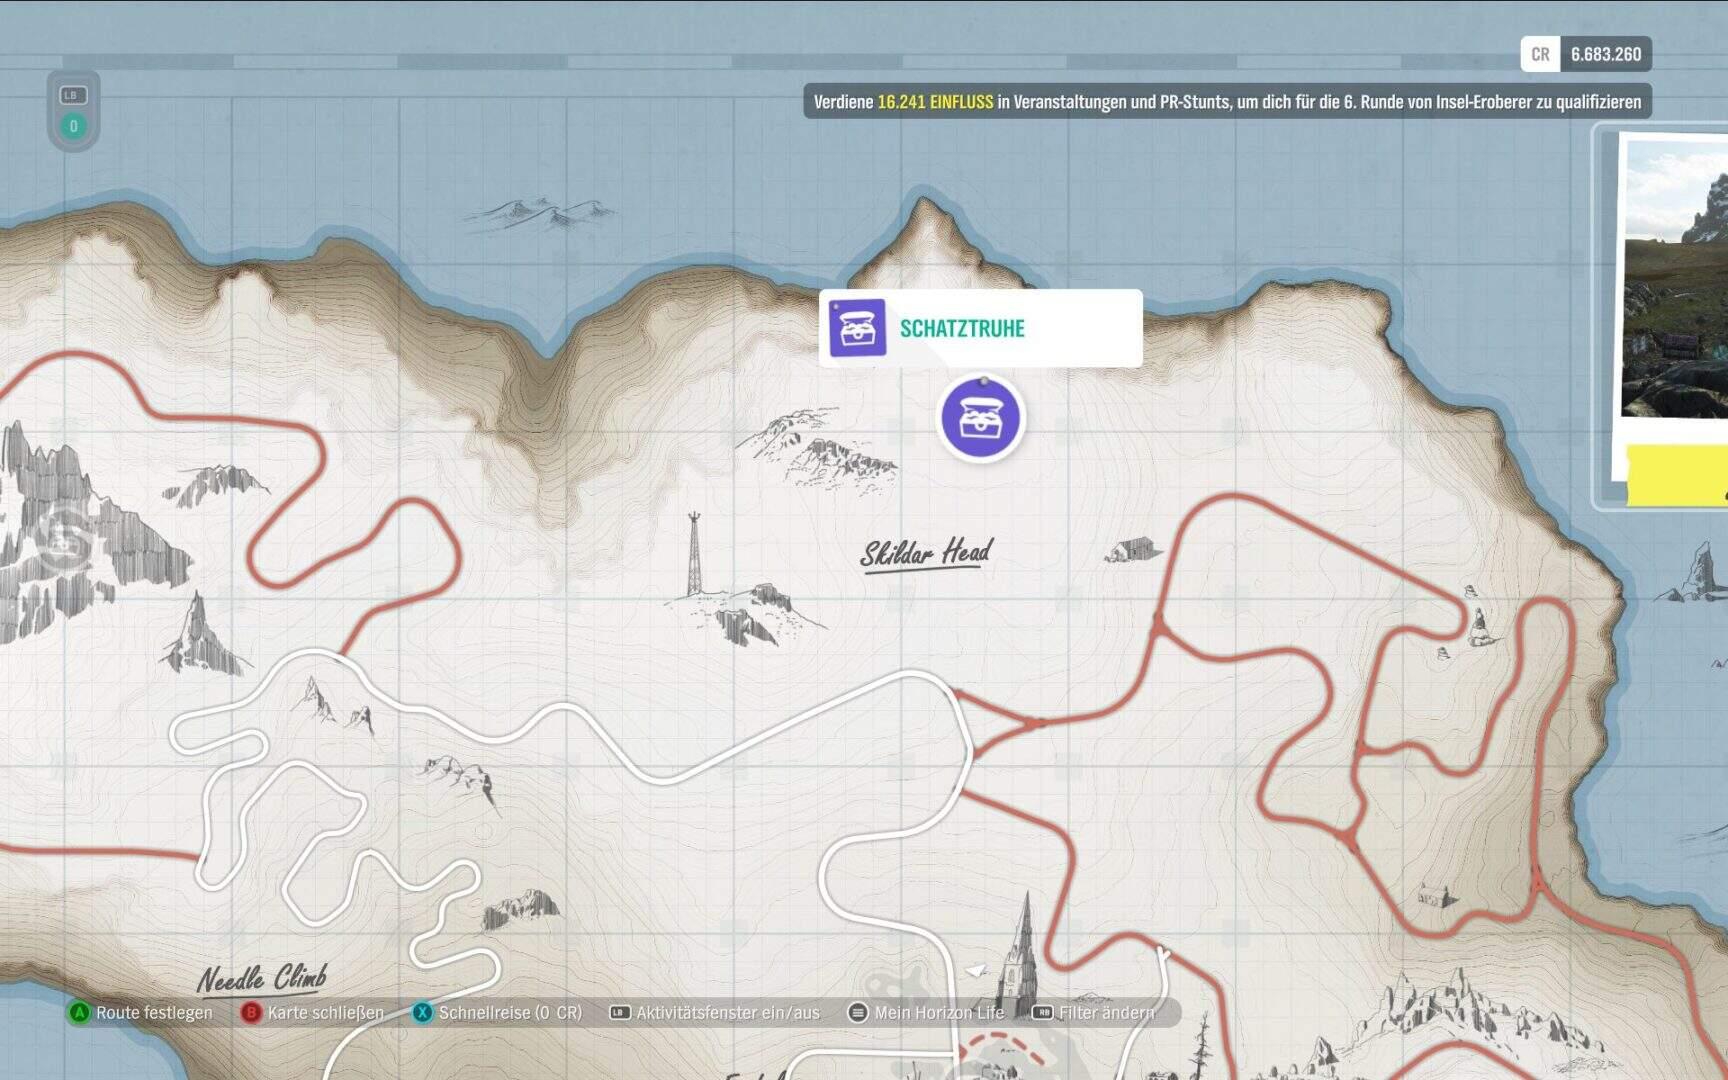 Forza Horizon 4 Fortune Island Schatztruhe 5 Location